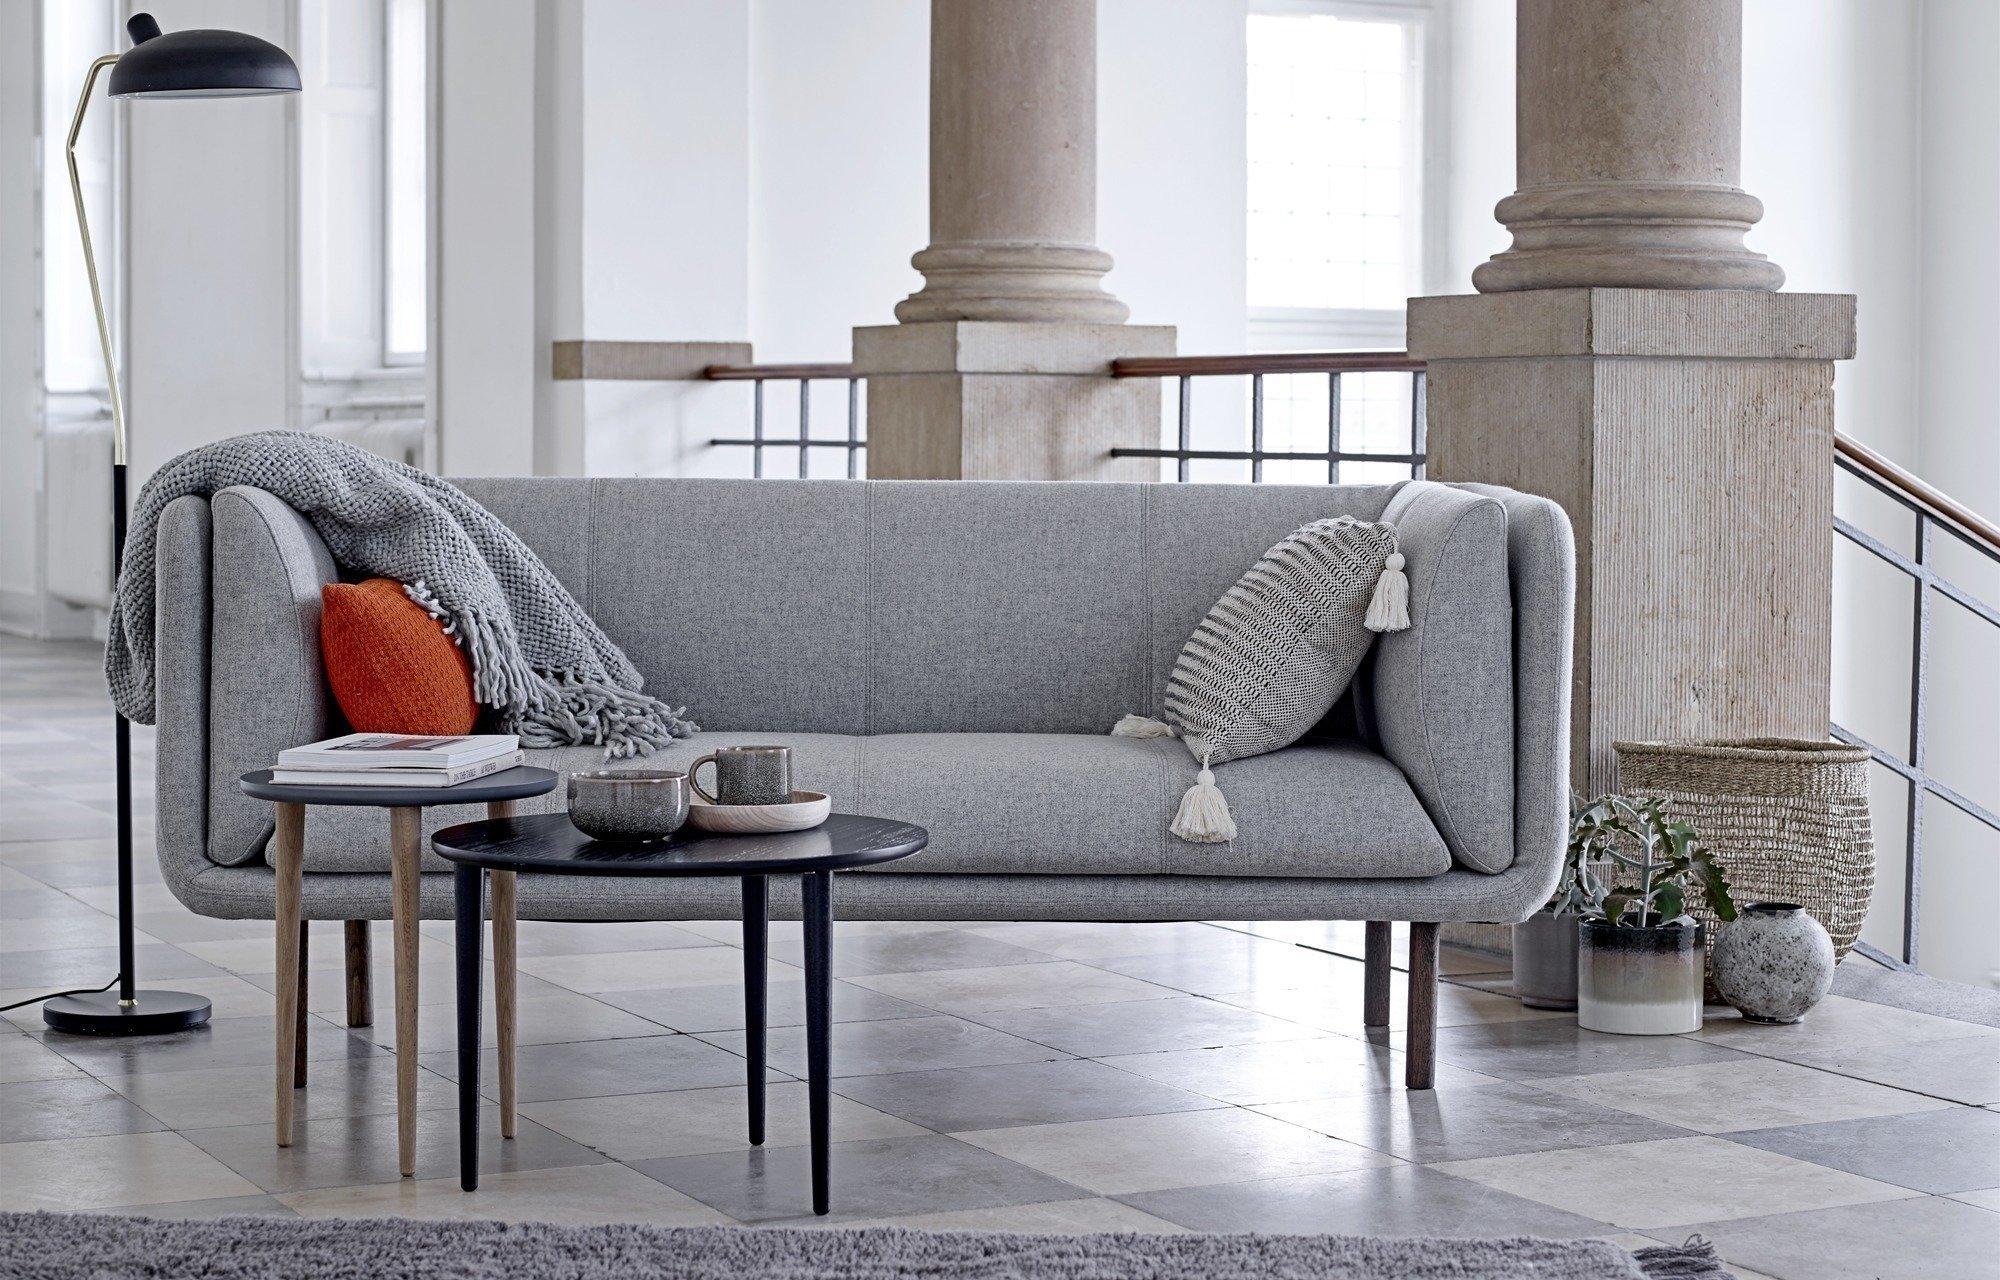 Купить дизайнерскую мебель